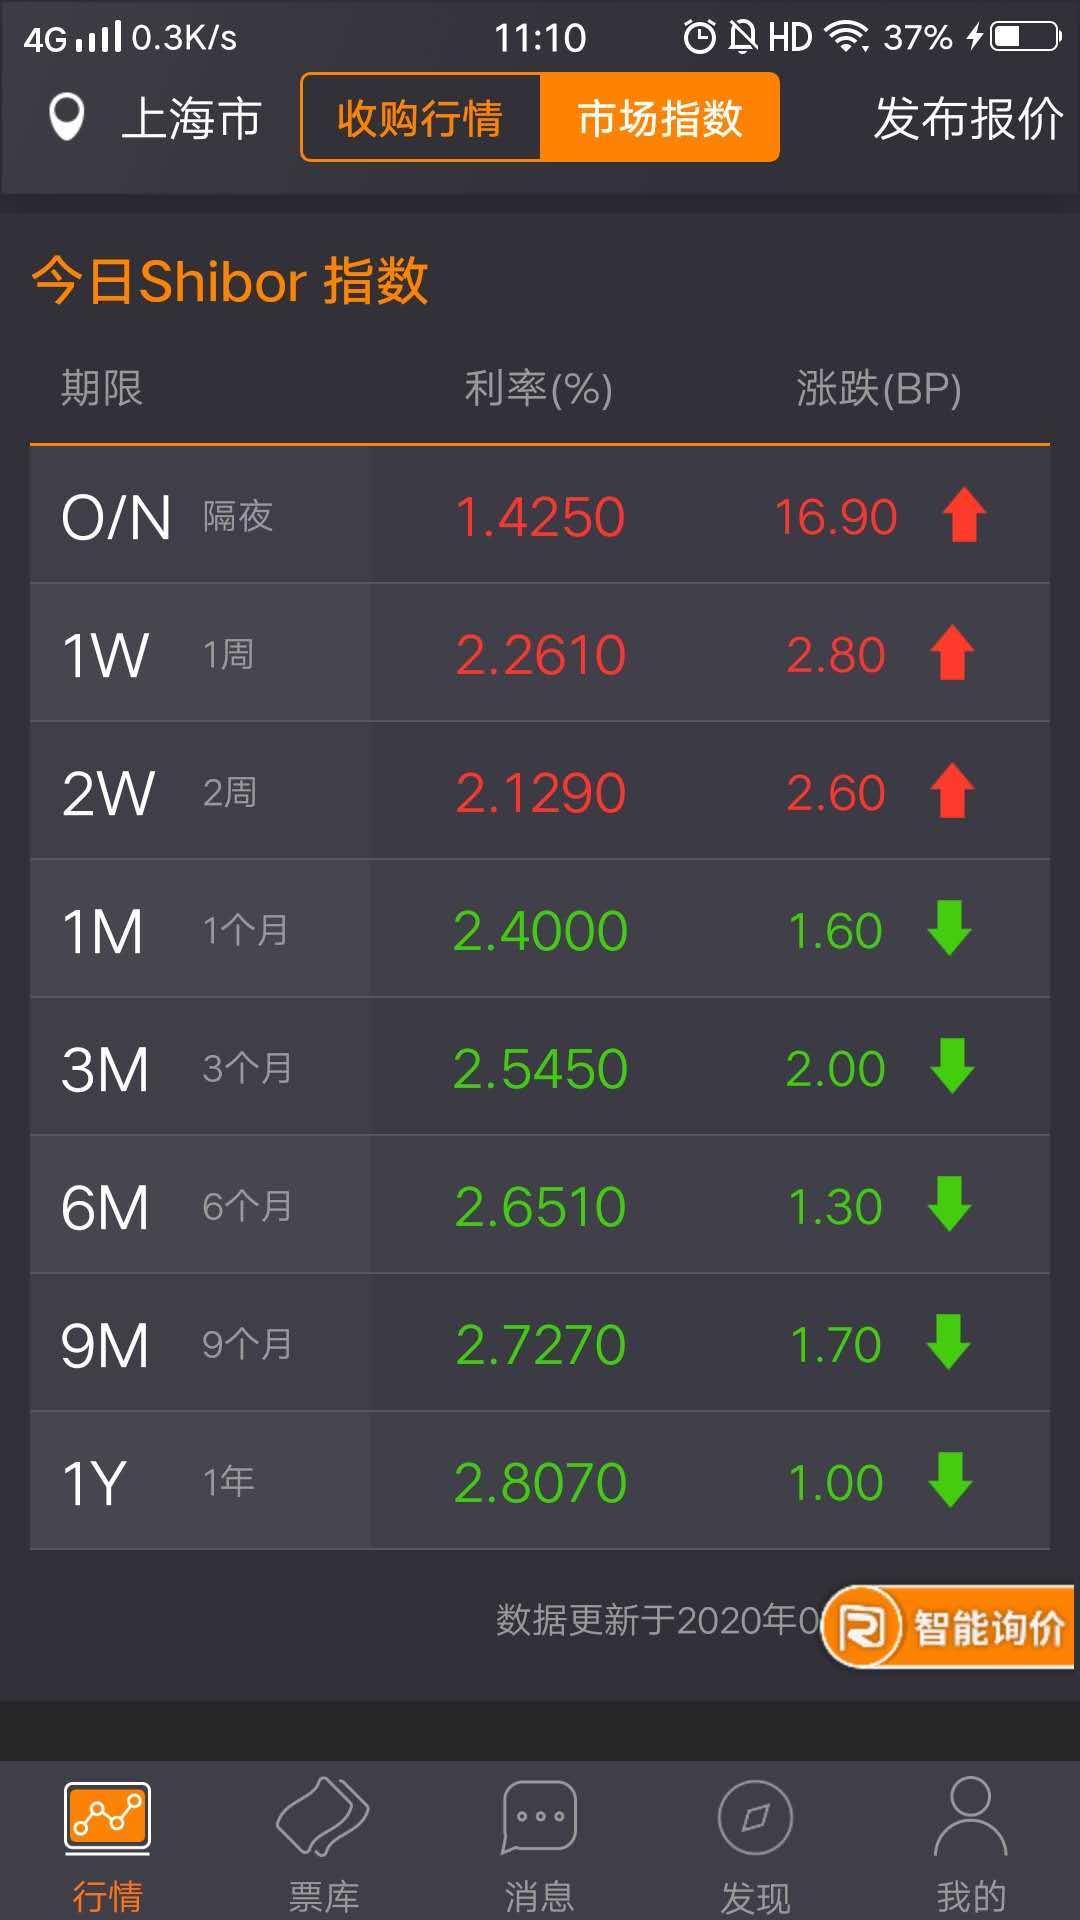 """【货币市场概览】万亿逆回购到期,央妈则选择了""""量缩价跌"""""""